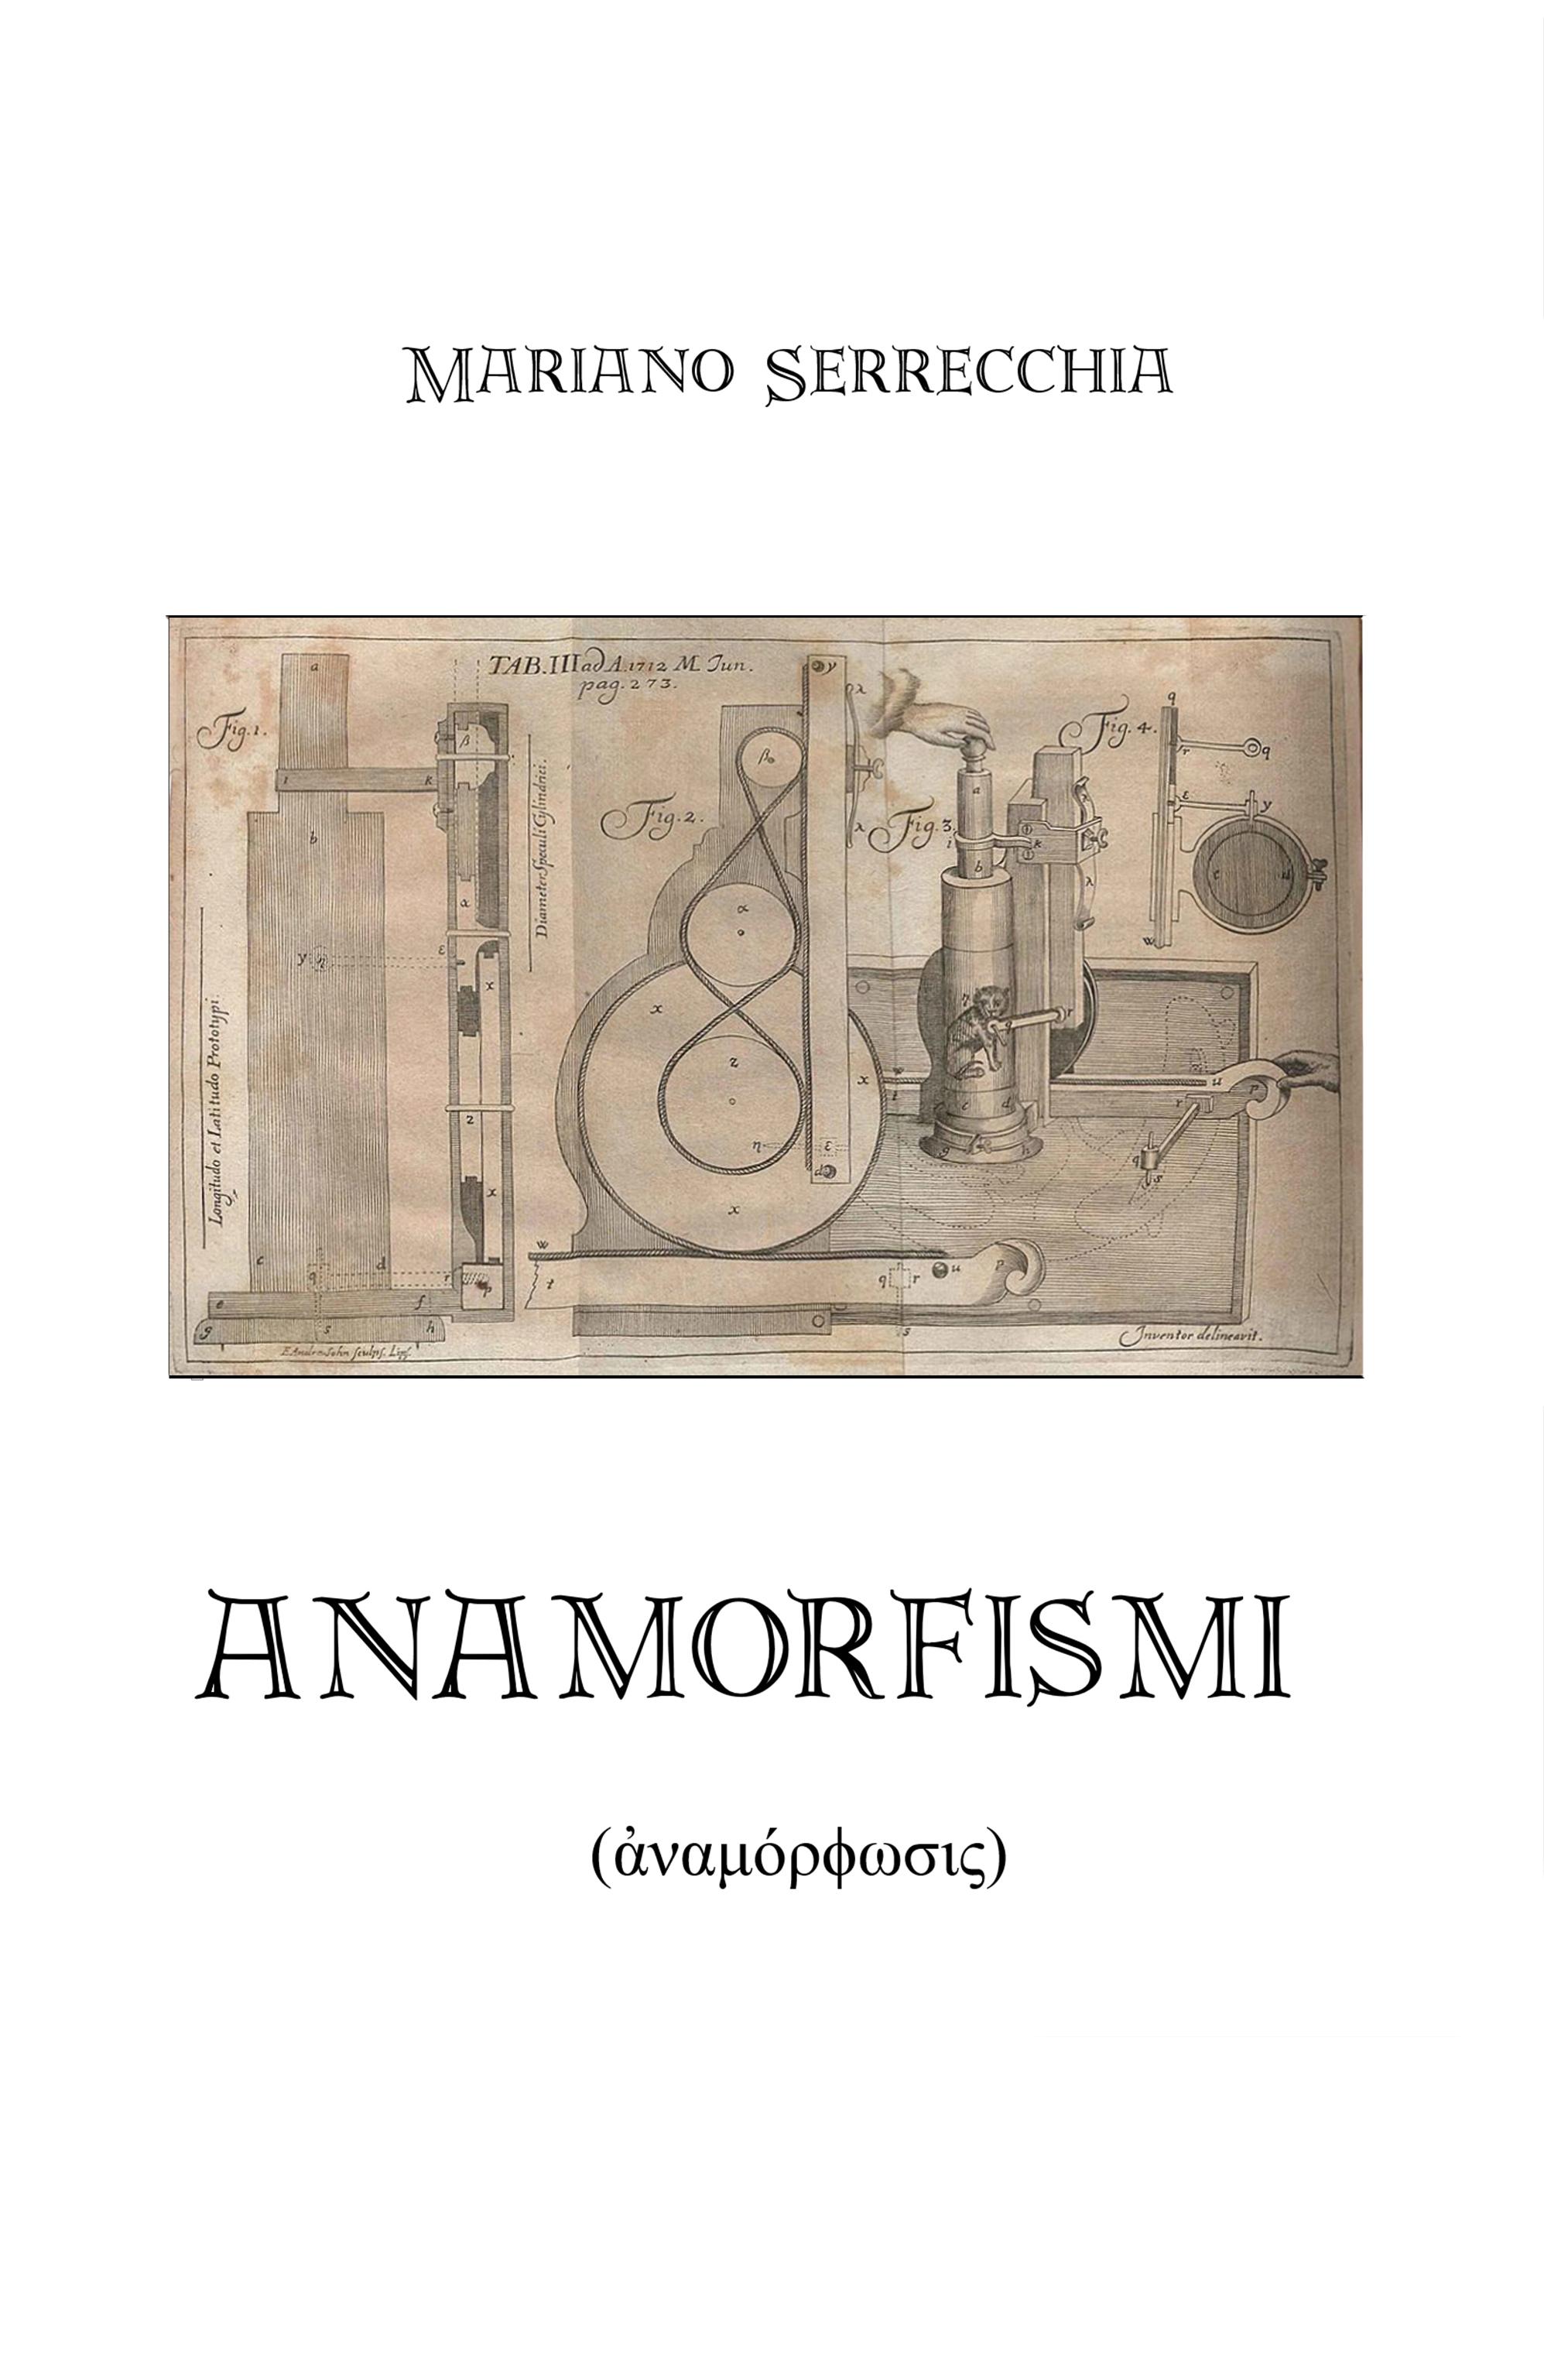 Anamorfismi